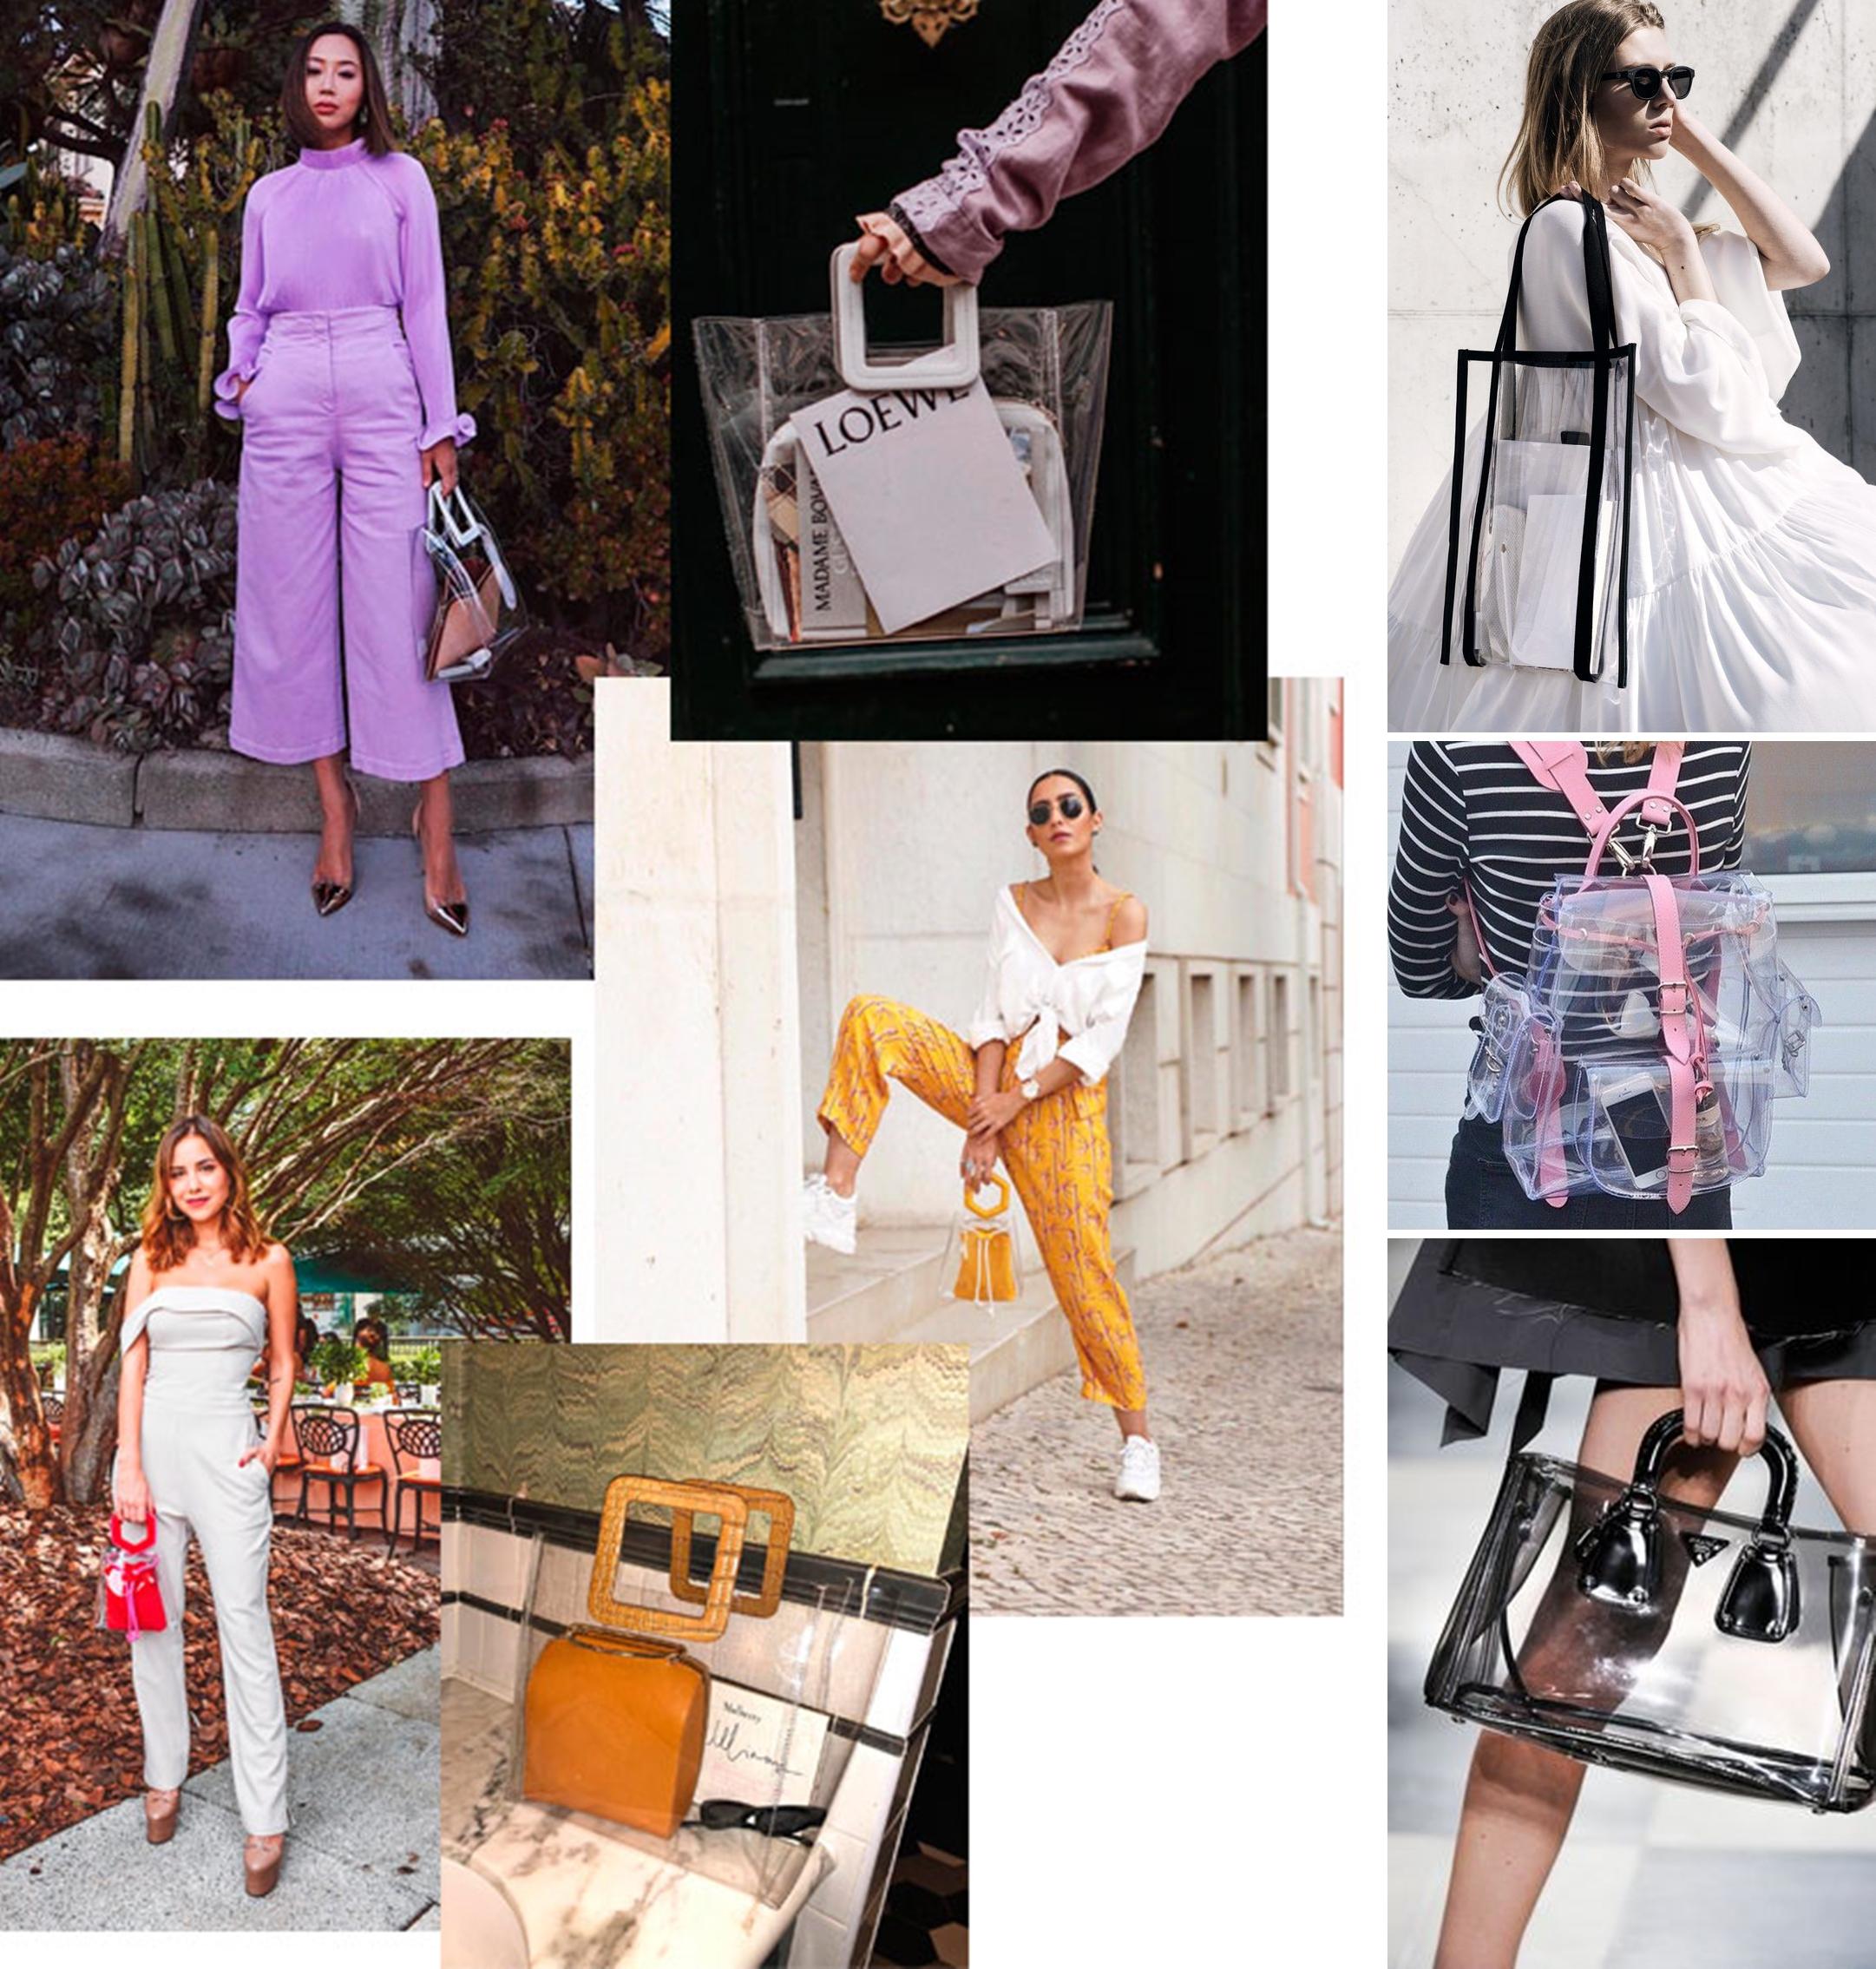 Os modelos podem ser total transparentes e moderninhos, deixando os  pertences à mostra como um charme extra, ou com mini bolsas coloridas,  estampadas ou em ... 5b723ab94c